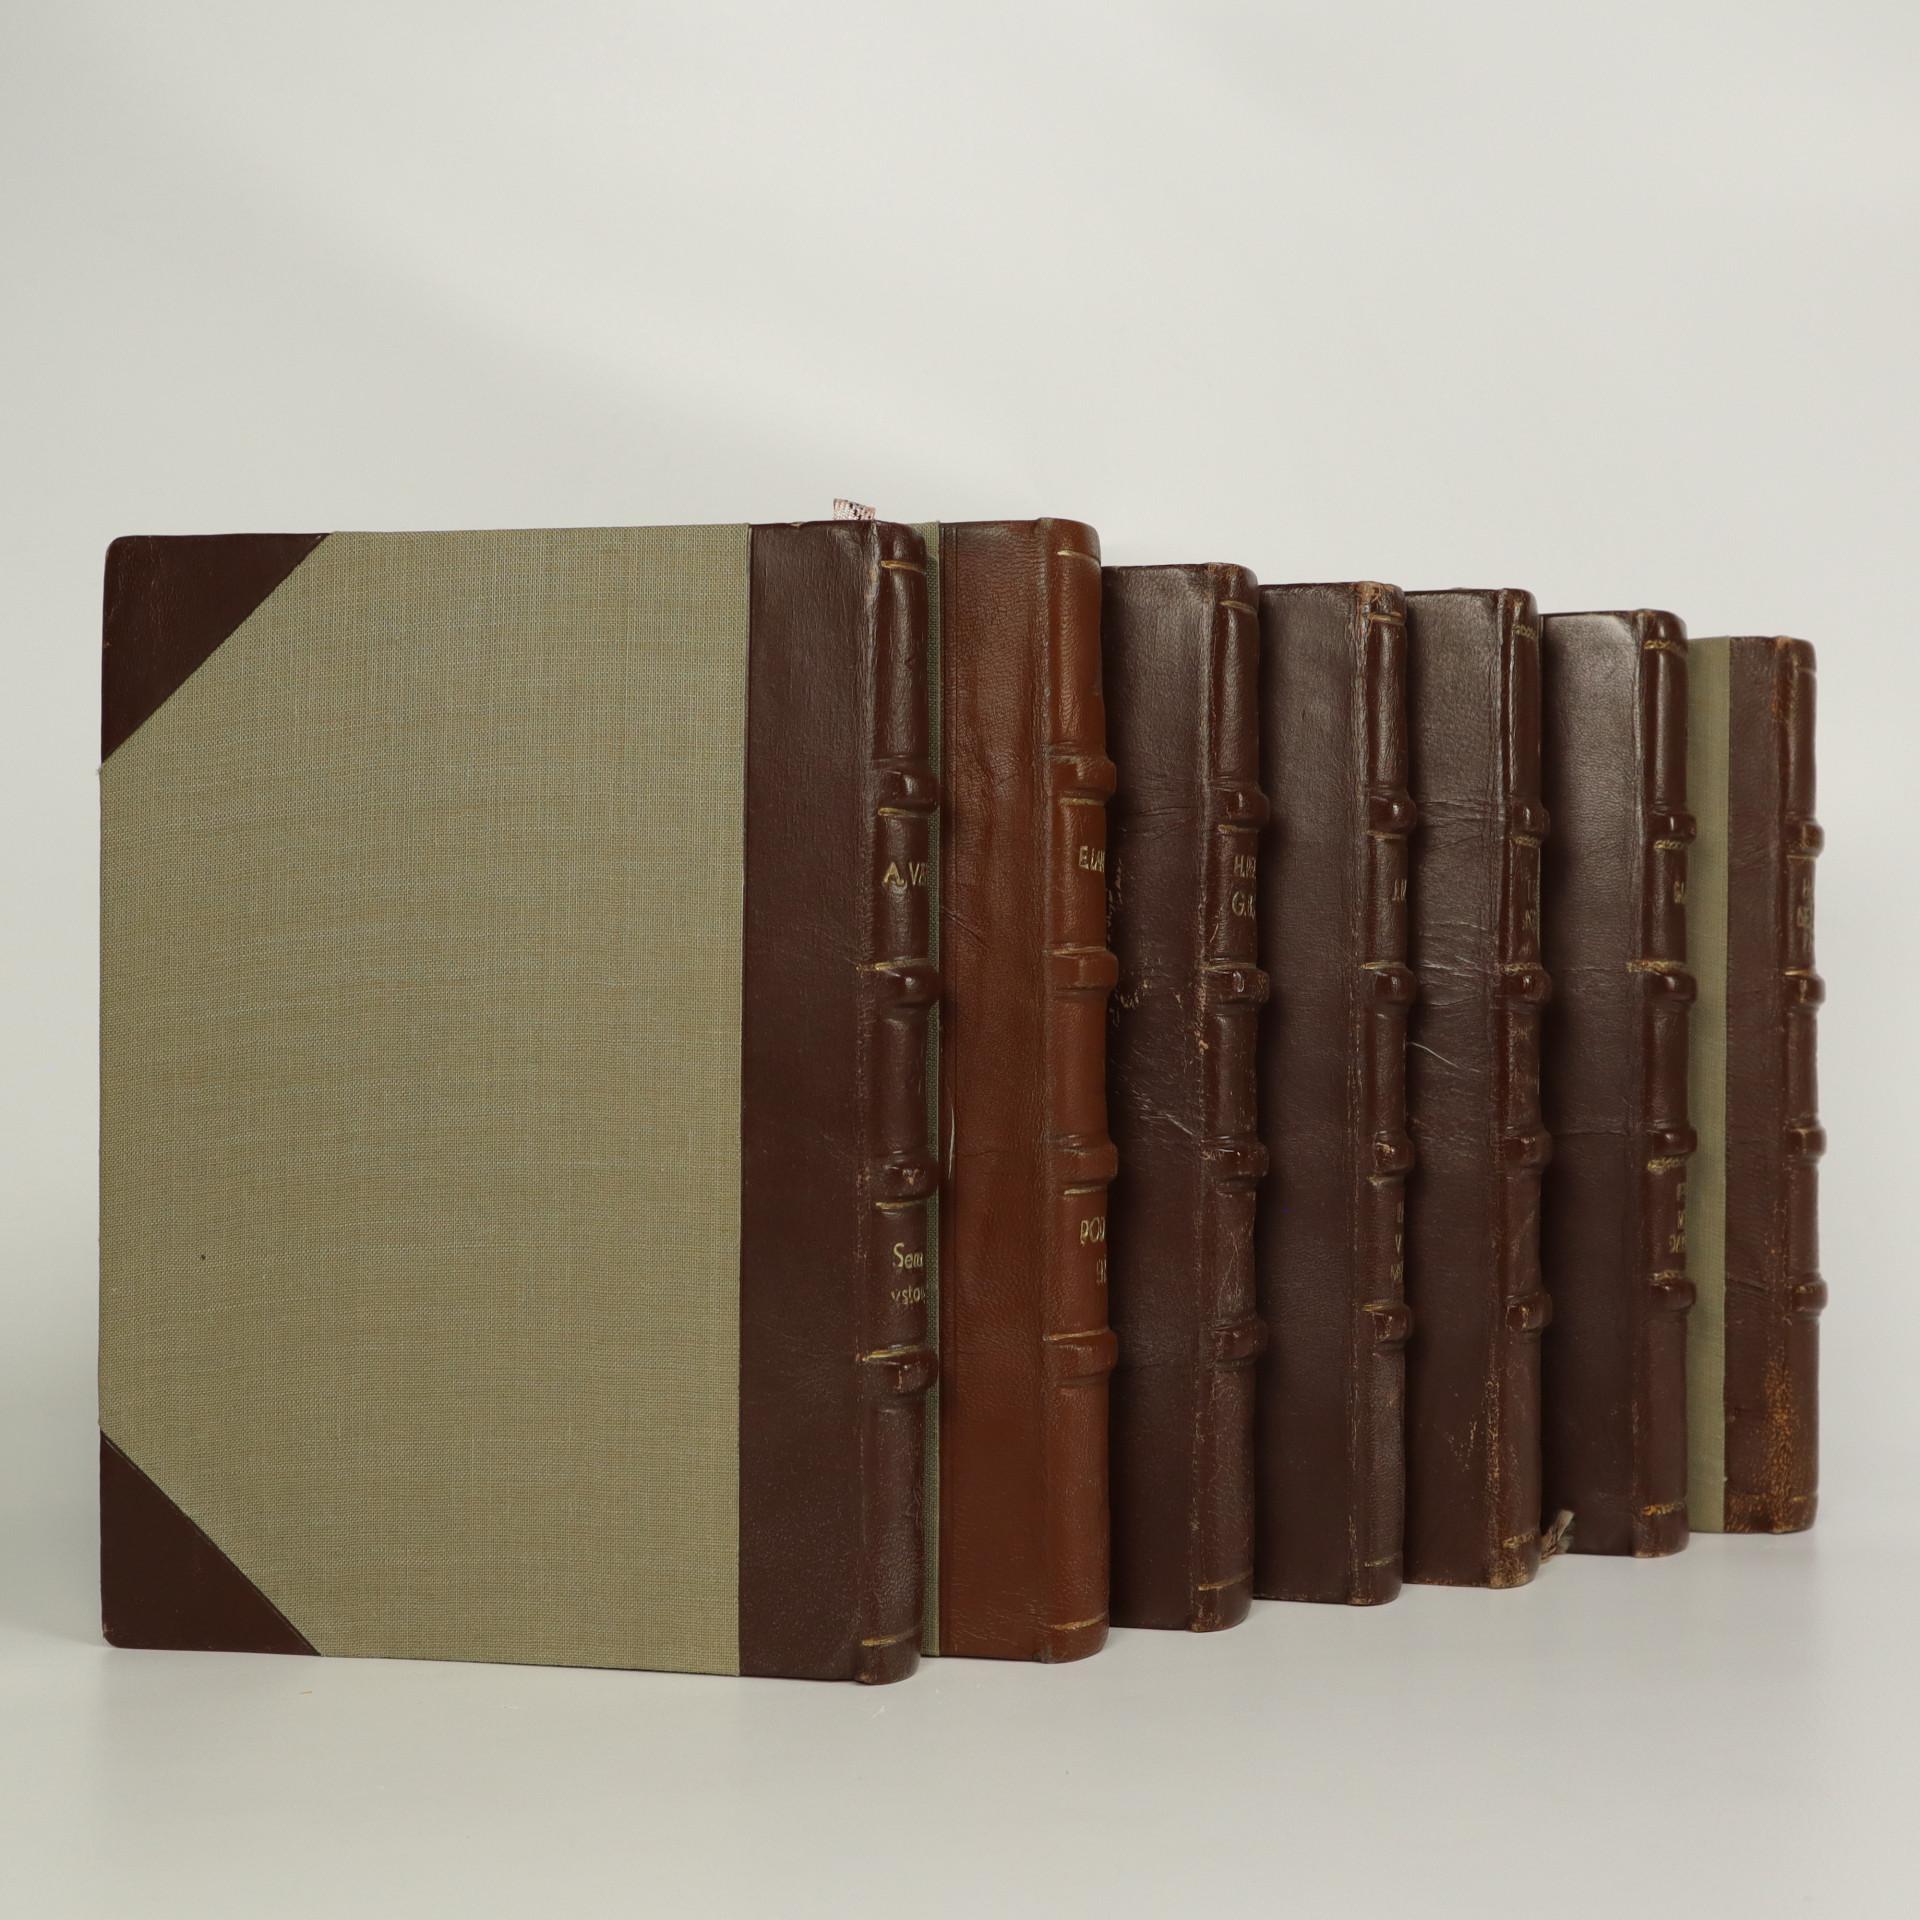 antikvární kniha Sedm knih nakladatelství Máj vázaných v kůži (vypsáno v poznámce), 1948